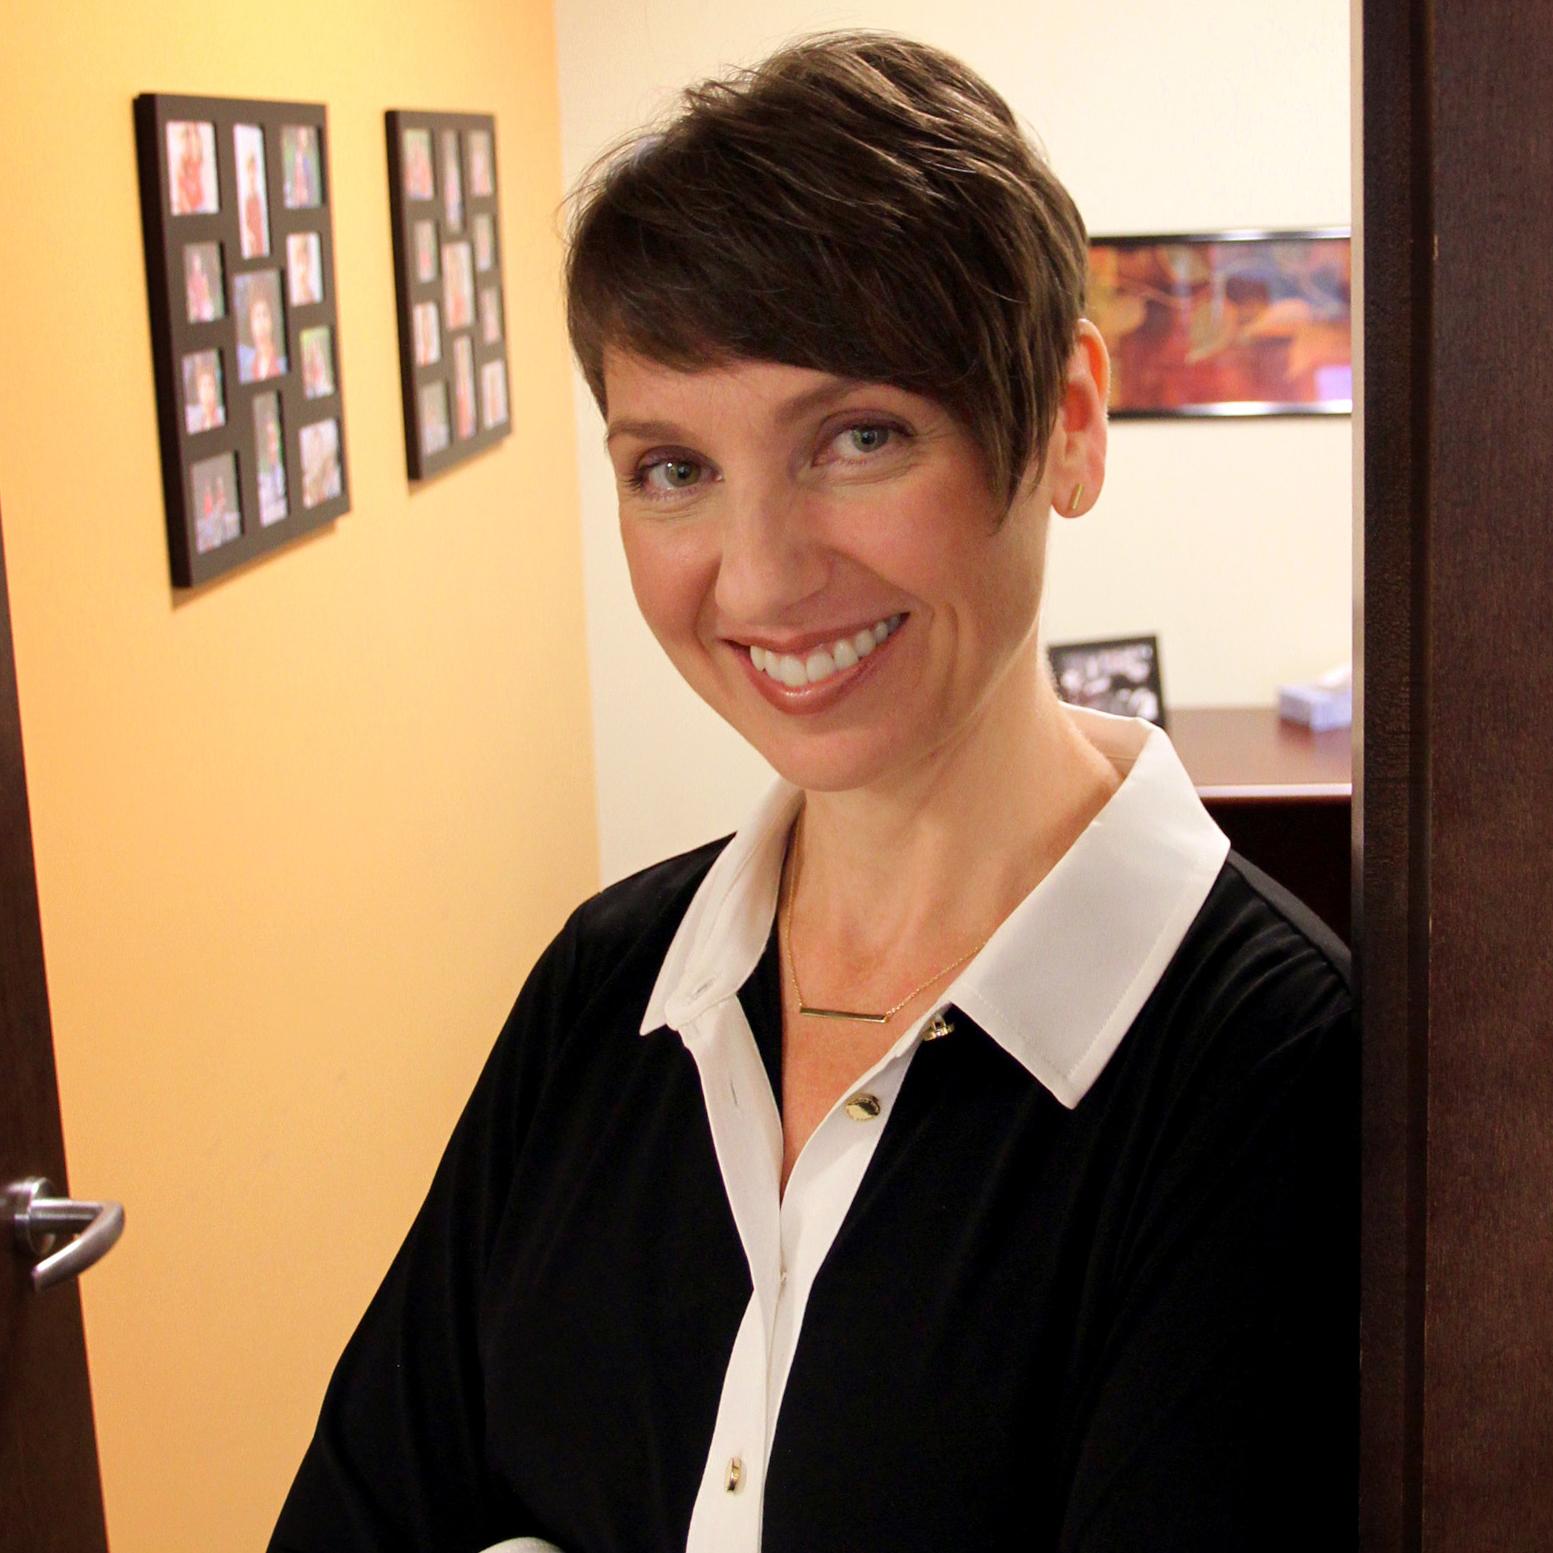 Shelley Balanko